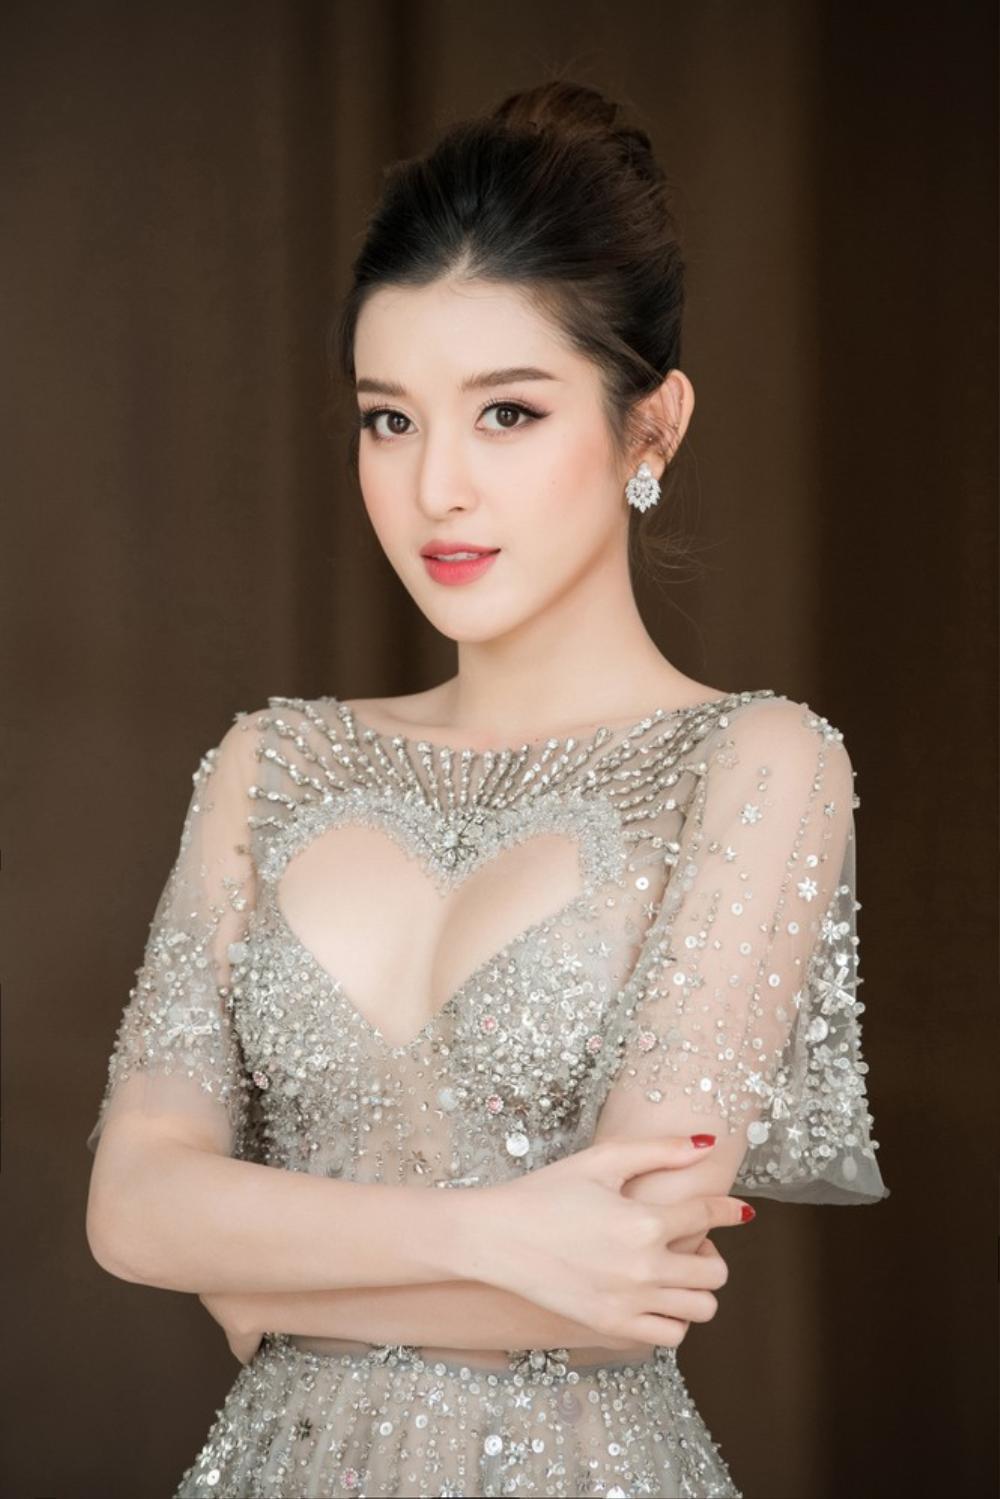 Top sao Việt 'công phá' bảng xếp hạng quốc tế 2020: Sơn Tùng M-TP dẫn đầu, 'trùm cuối' gây bất ngờ nhất Ảnh 9